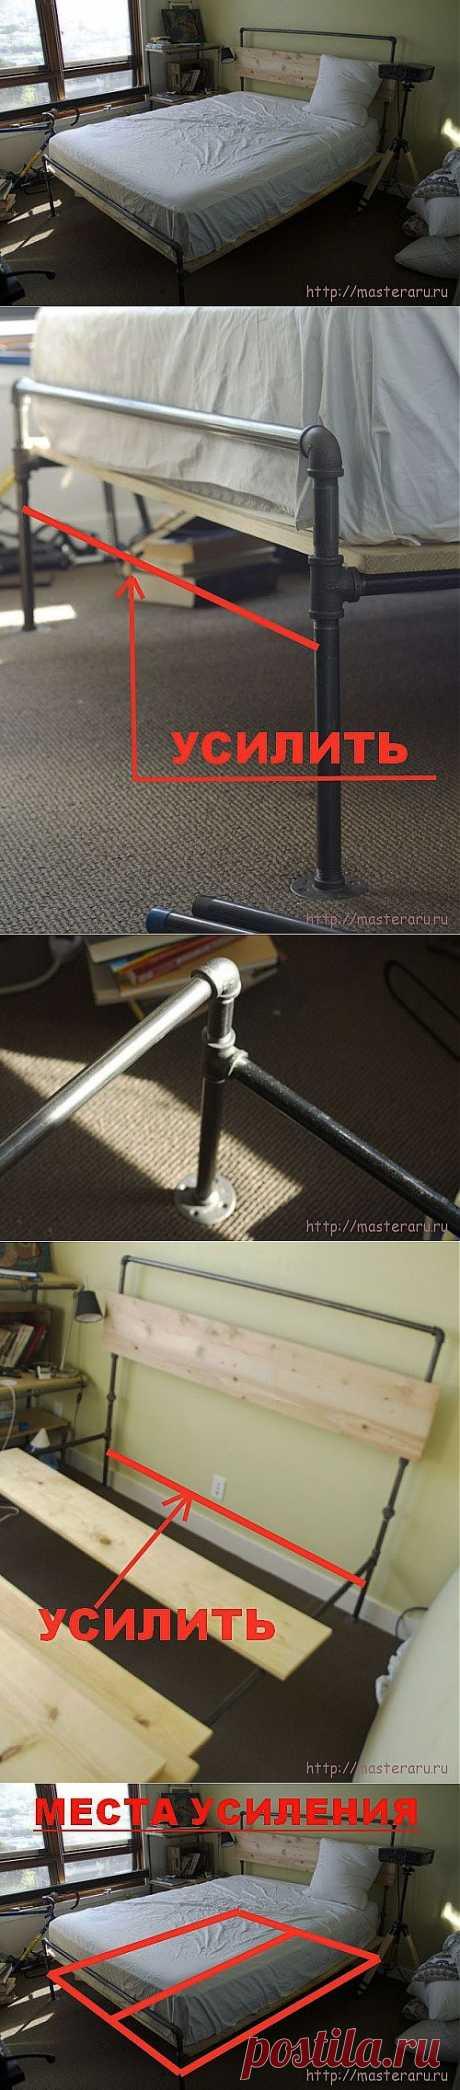 (+1) - Как сделать оригинальную кровать для дачи своими руками   Очумелые ручки